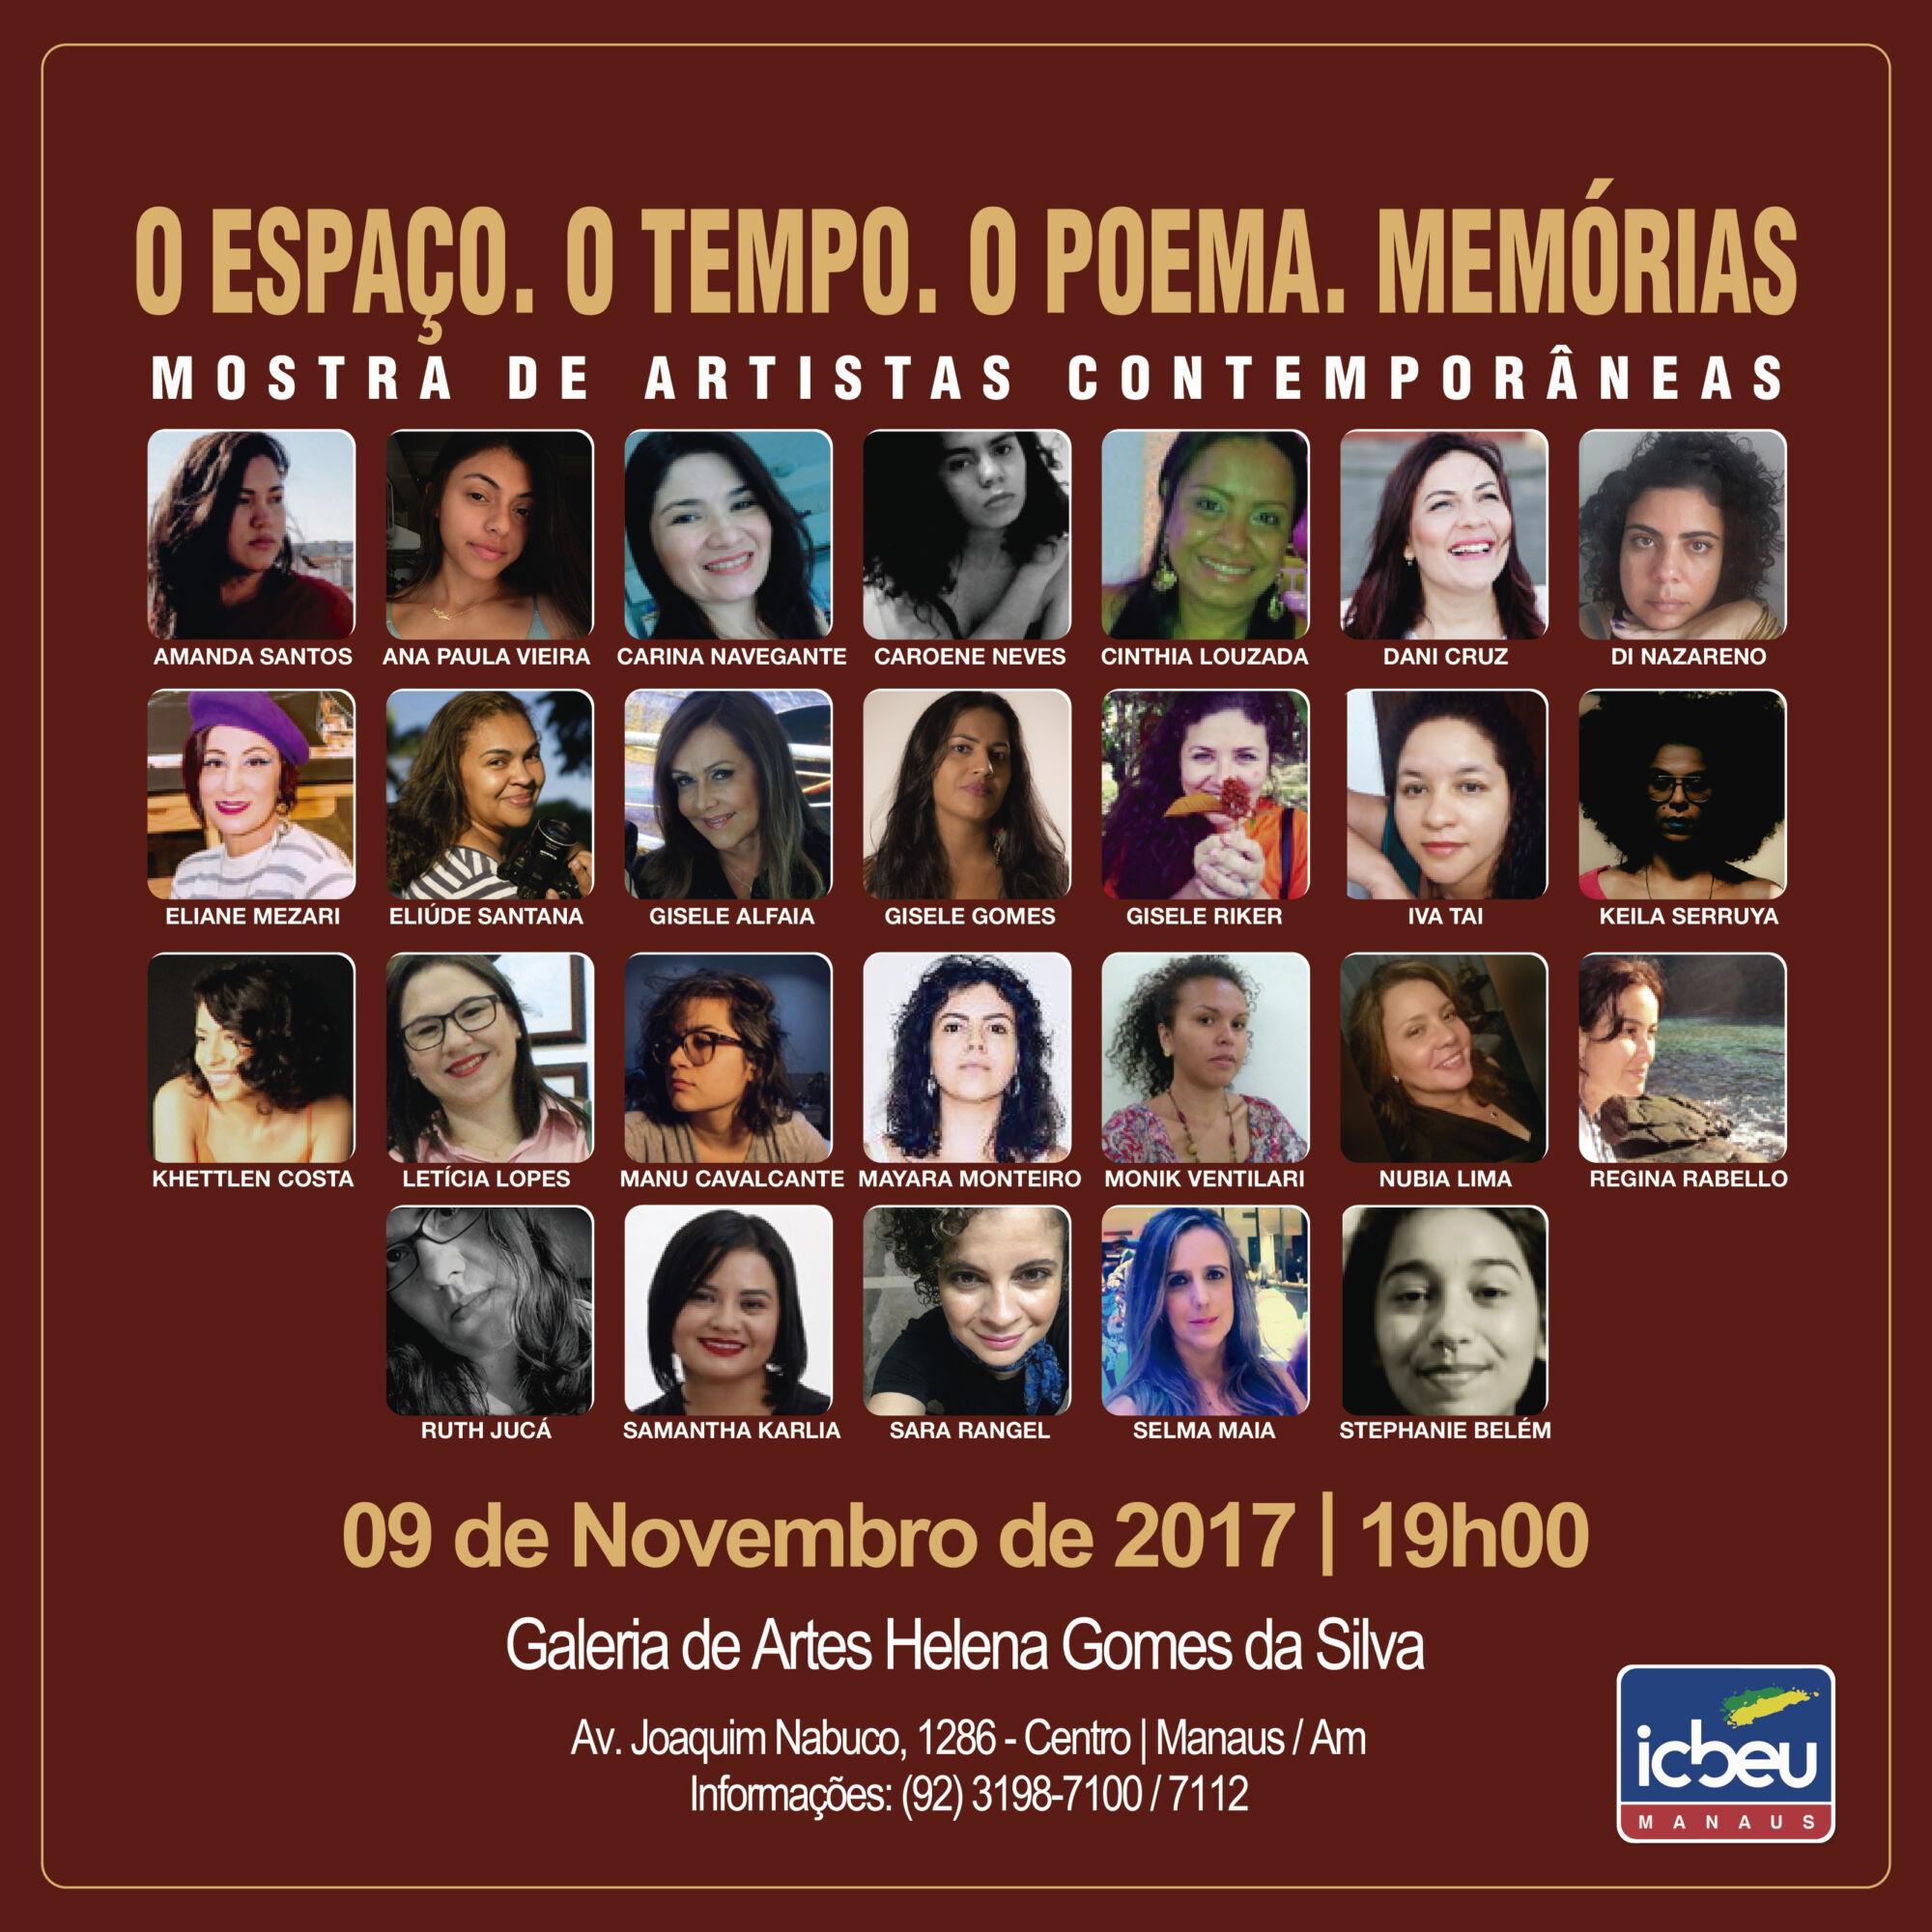 PEÇA O ESPAÇO TEMPOESIA FACEBOOK-01